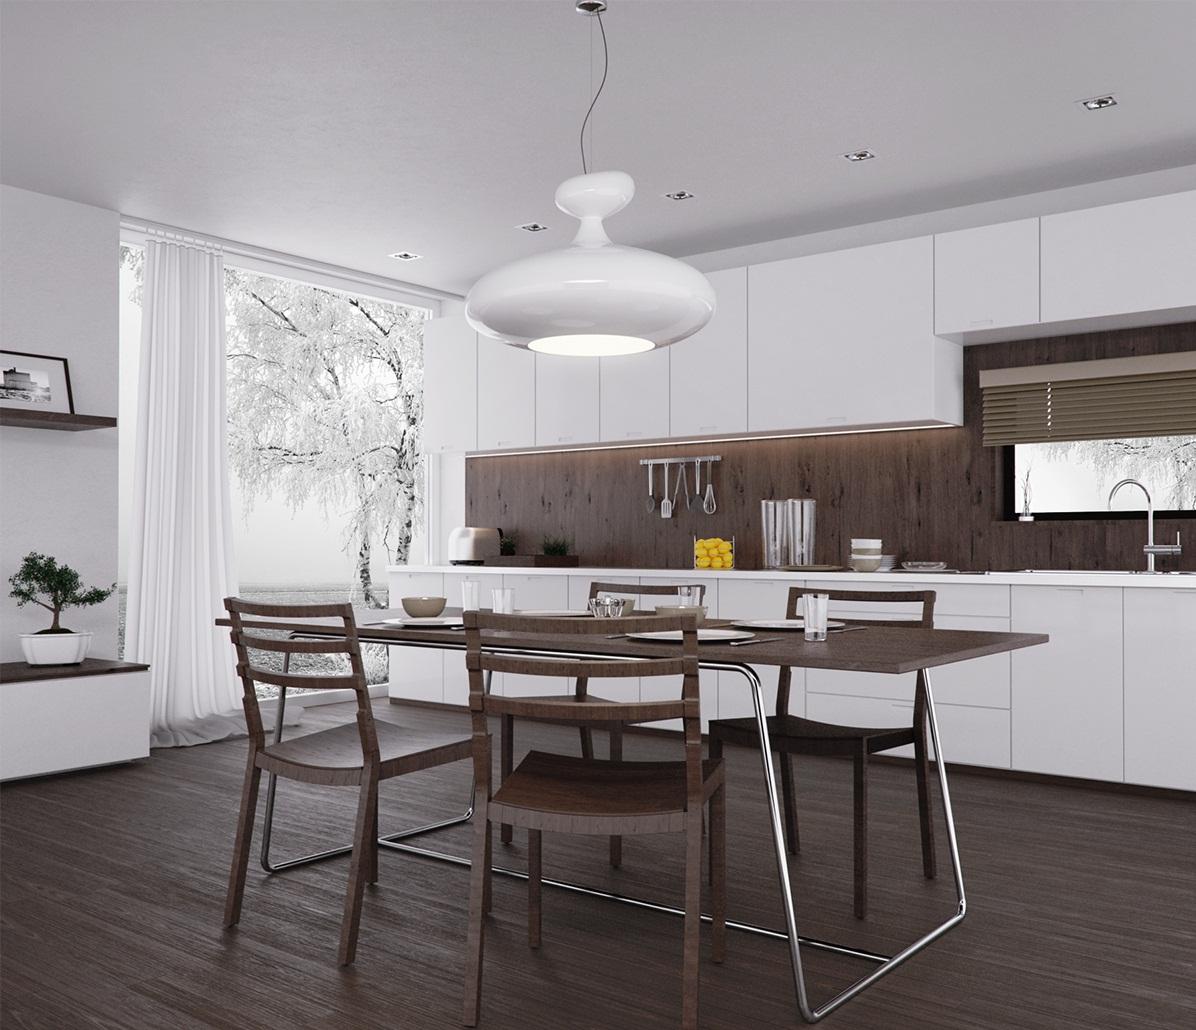 Люстра на кухню может быть как главным, так и второстепенным источником света, от этого во многом зависит ее выбор